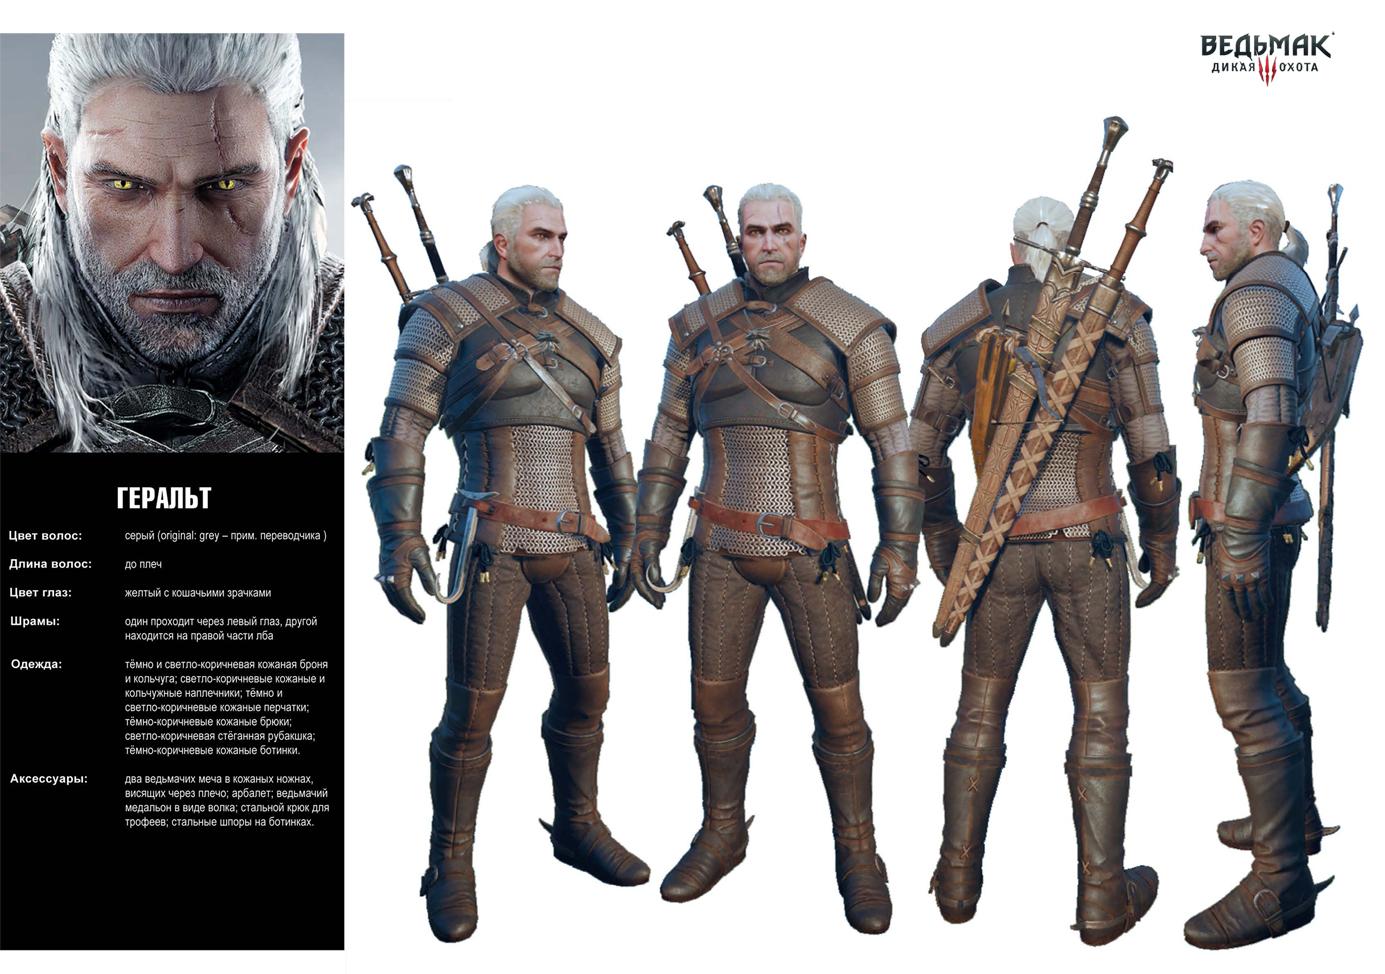 Geralt-rukovodstvo-po-kospleyu-2.jpg